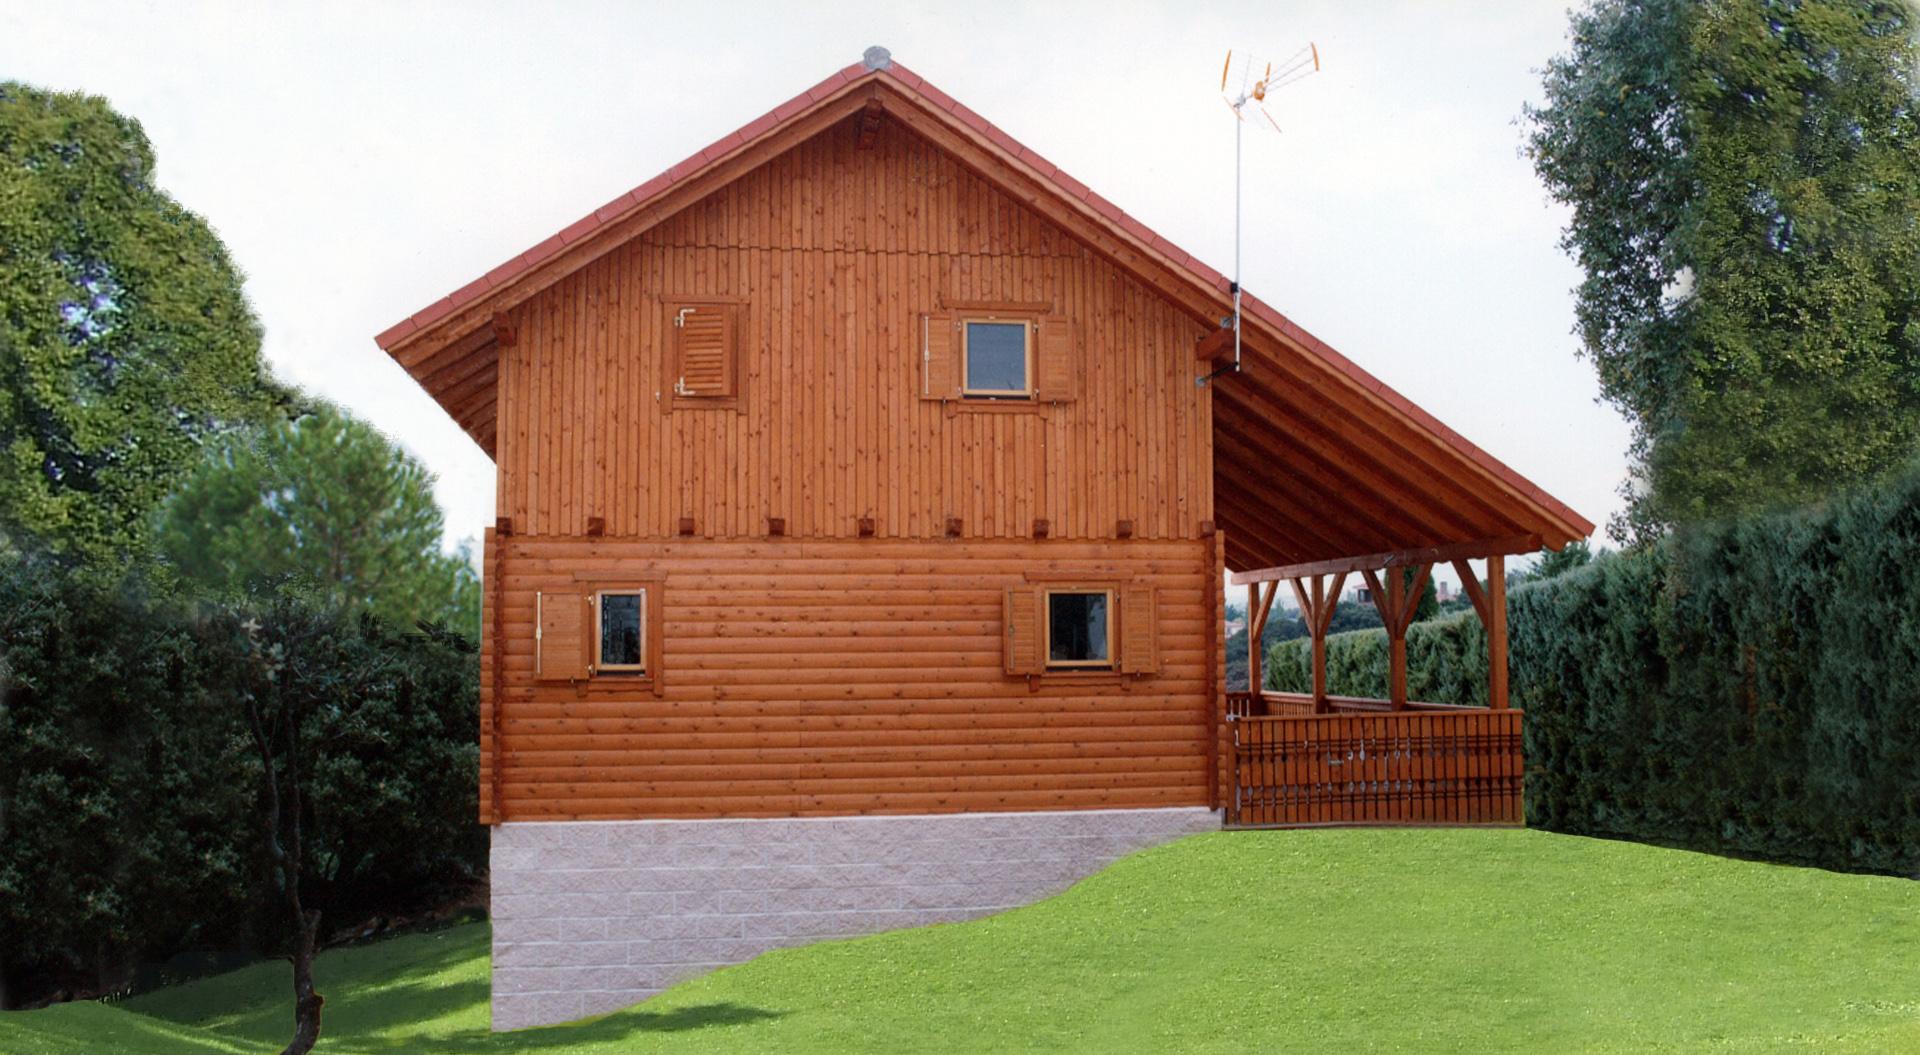 Cad 135m casas de madera la llave del hogar - La llave del hogar ...